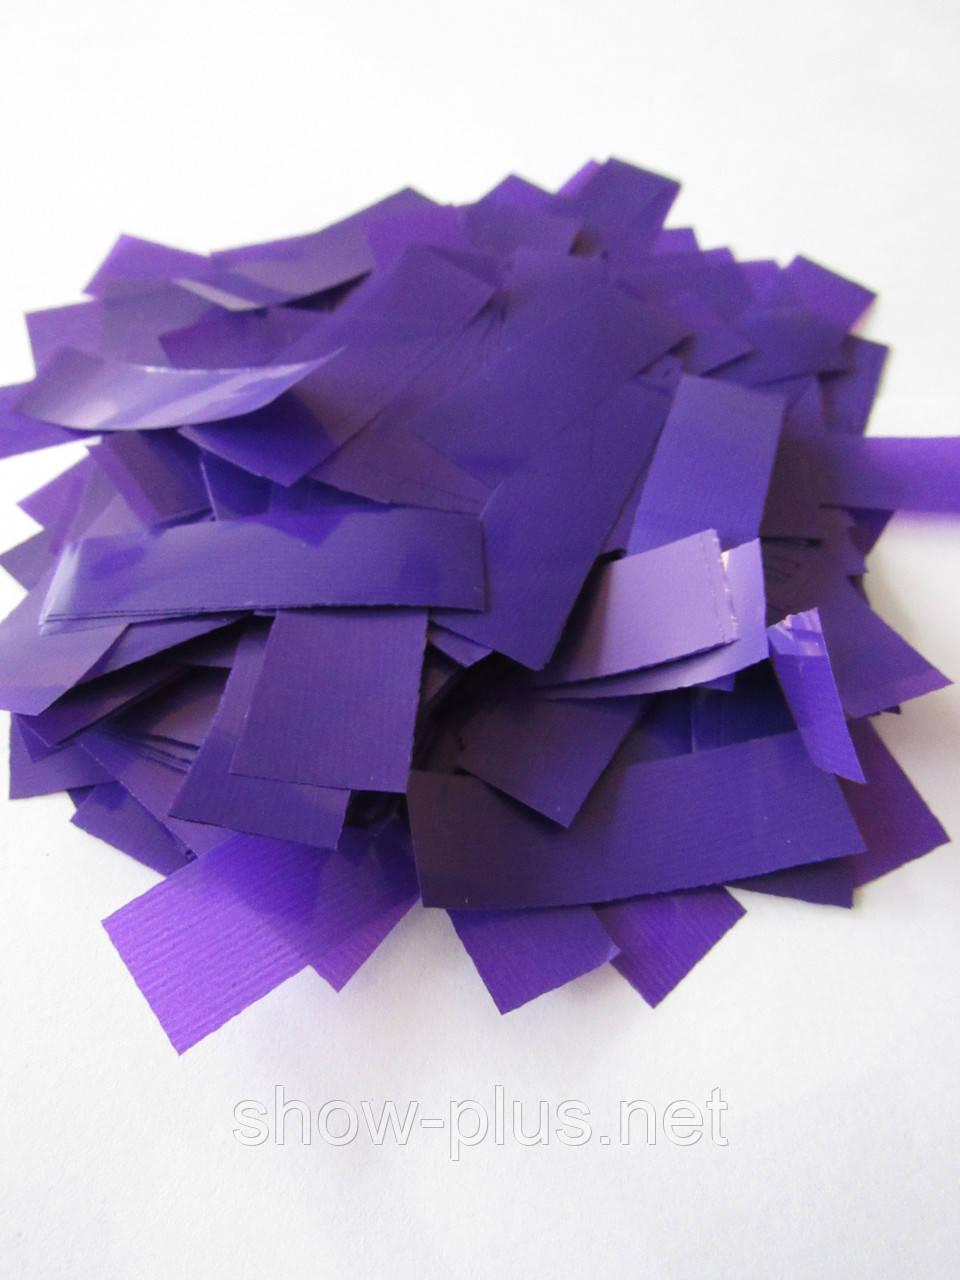 Конфетти: Метафан фиолетовый матовый с лаковым блеском